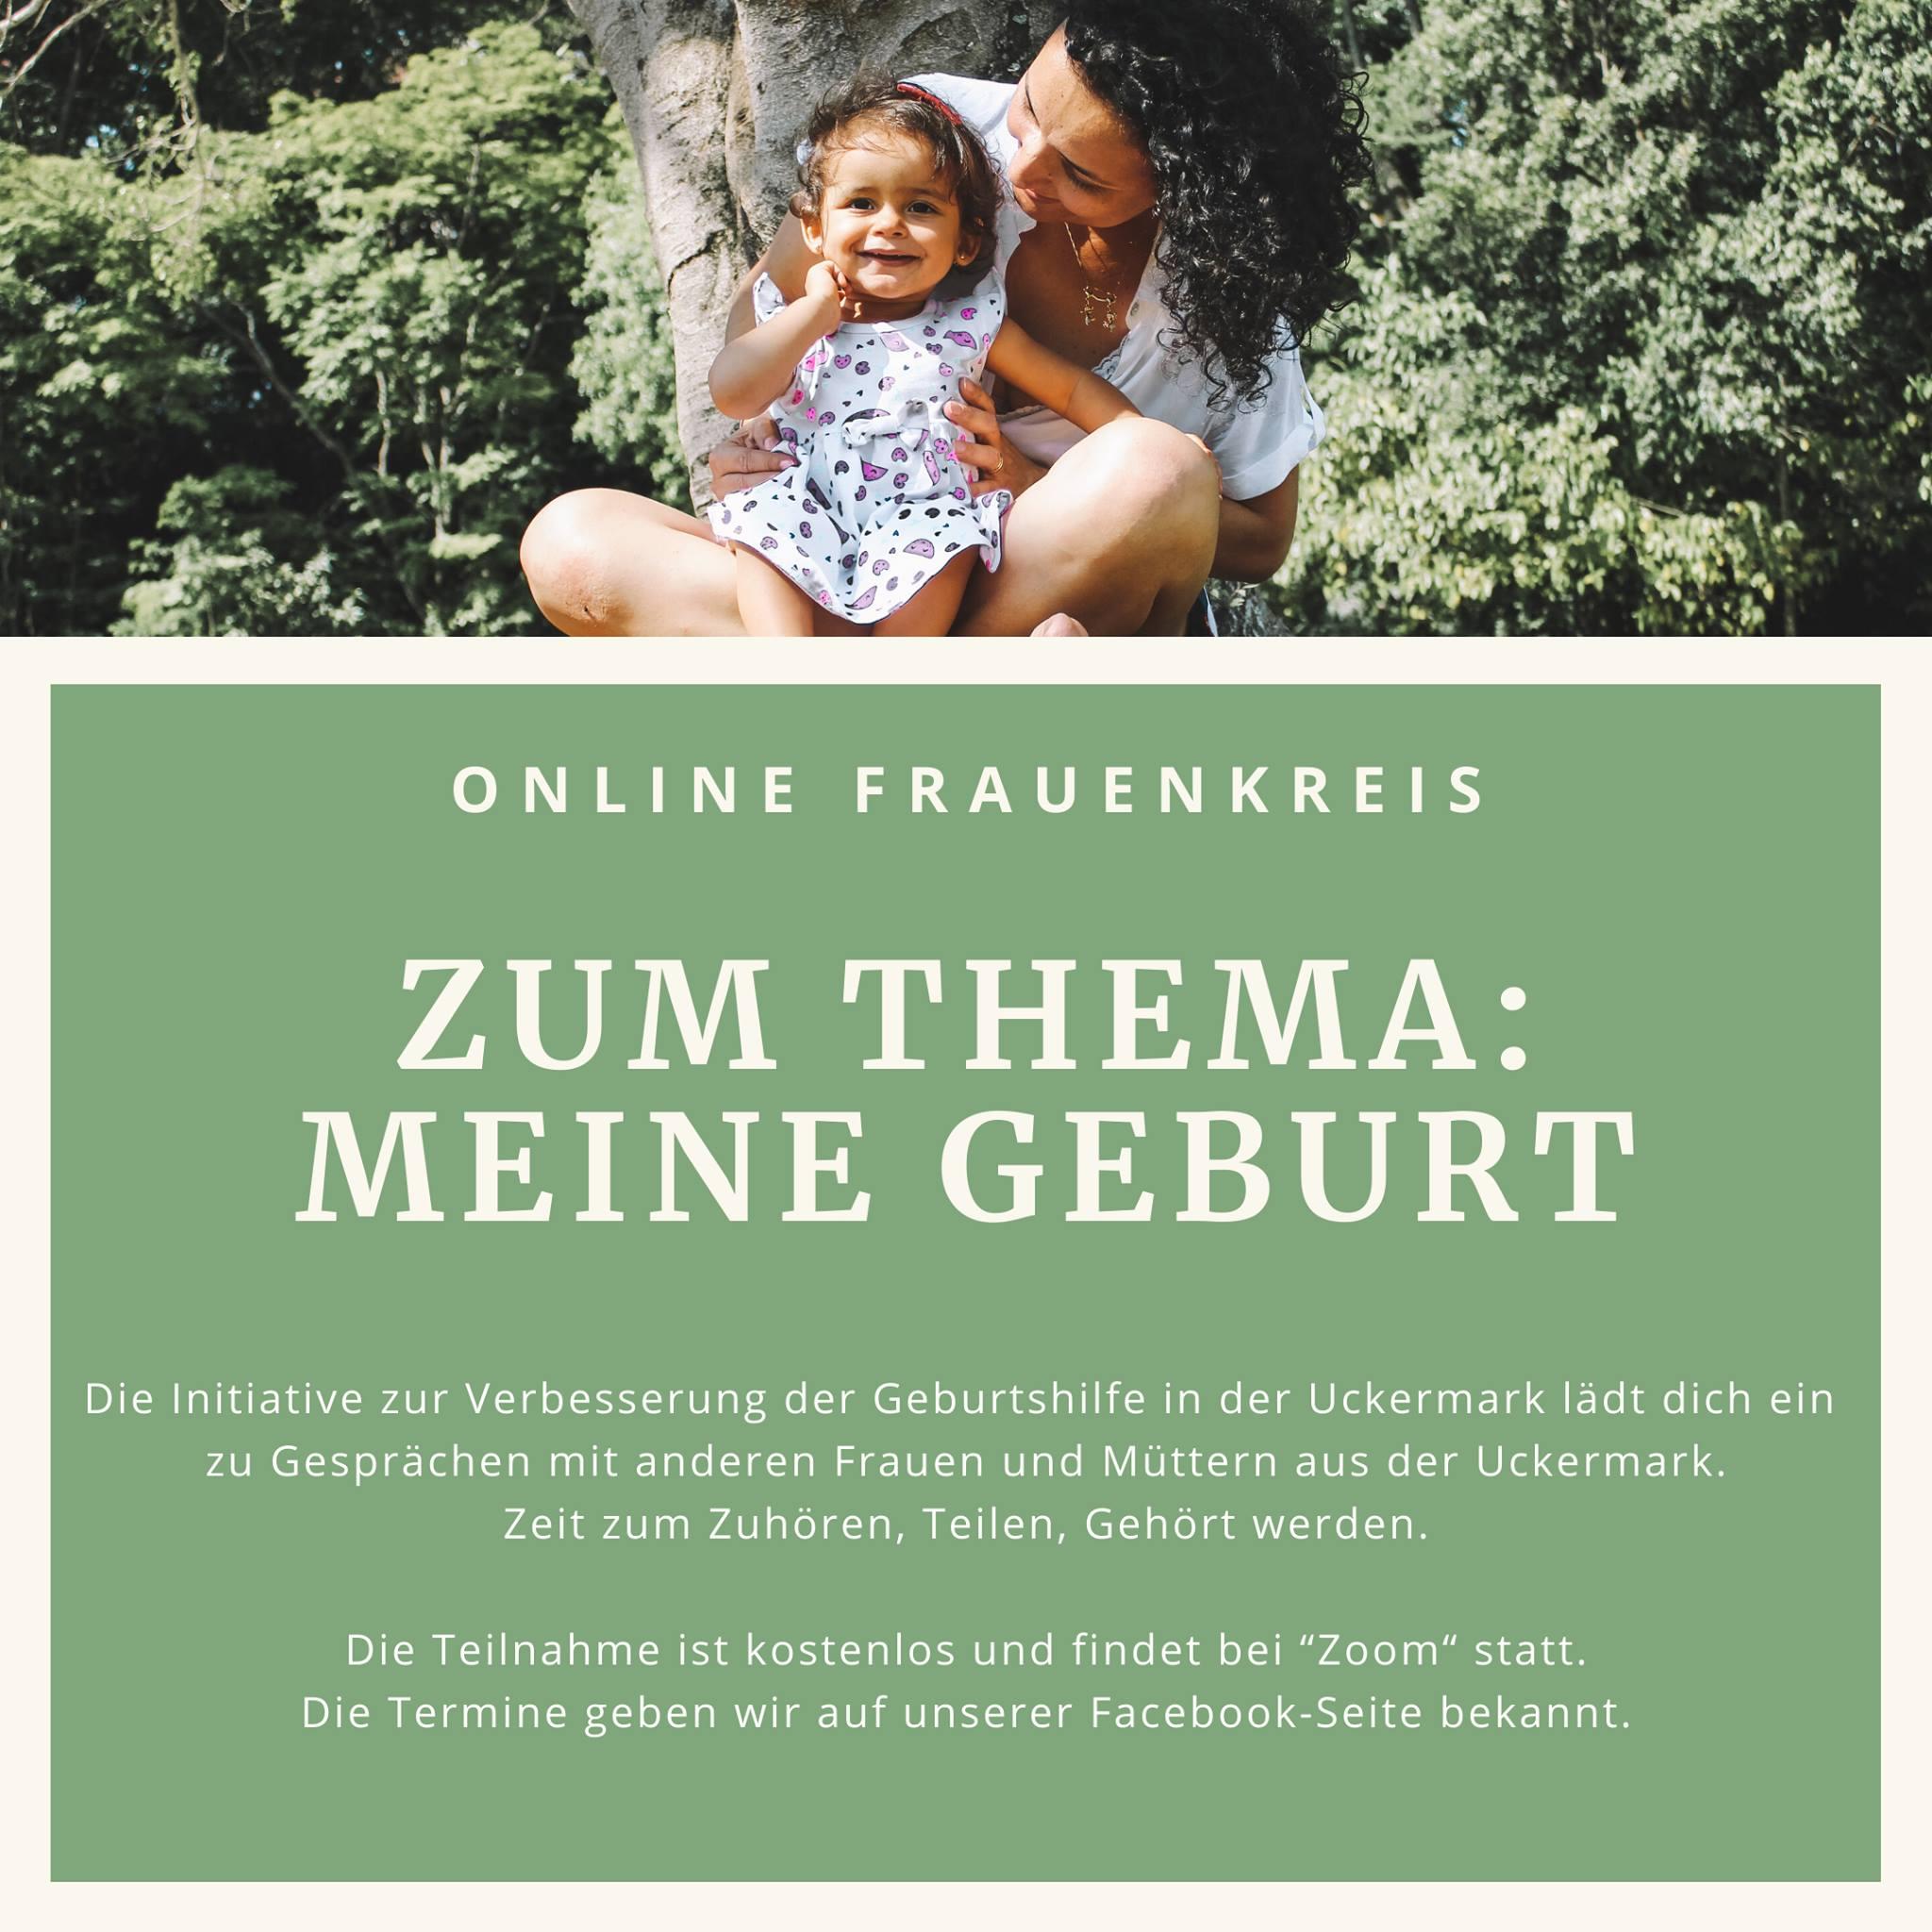 """Online-Frauenkreis """"Meine Geburt"""" am 29.05.2020"""